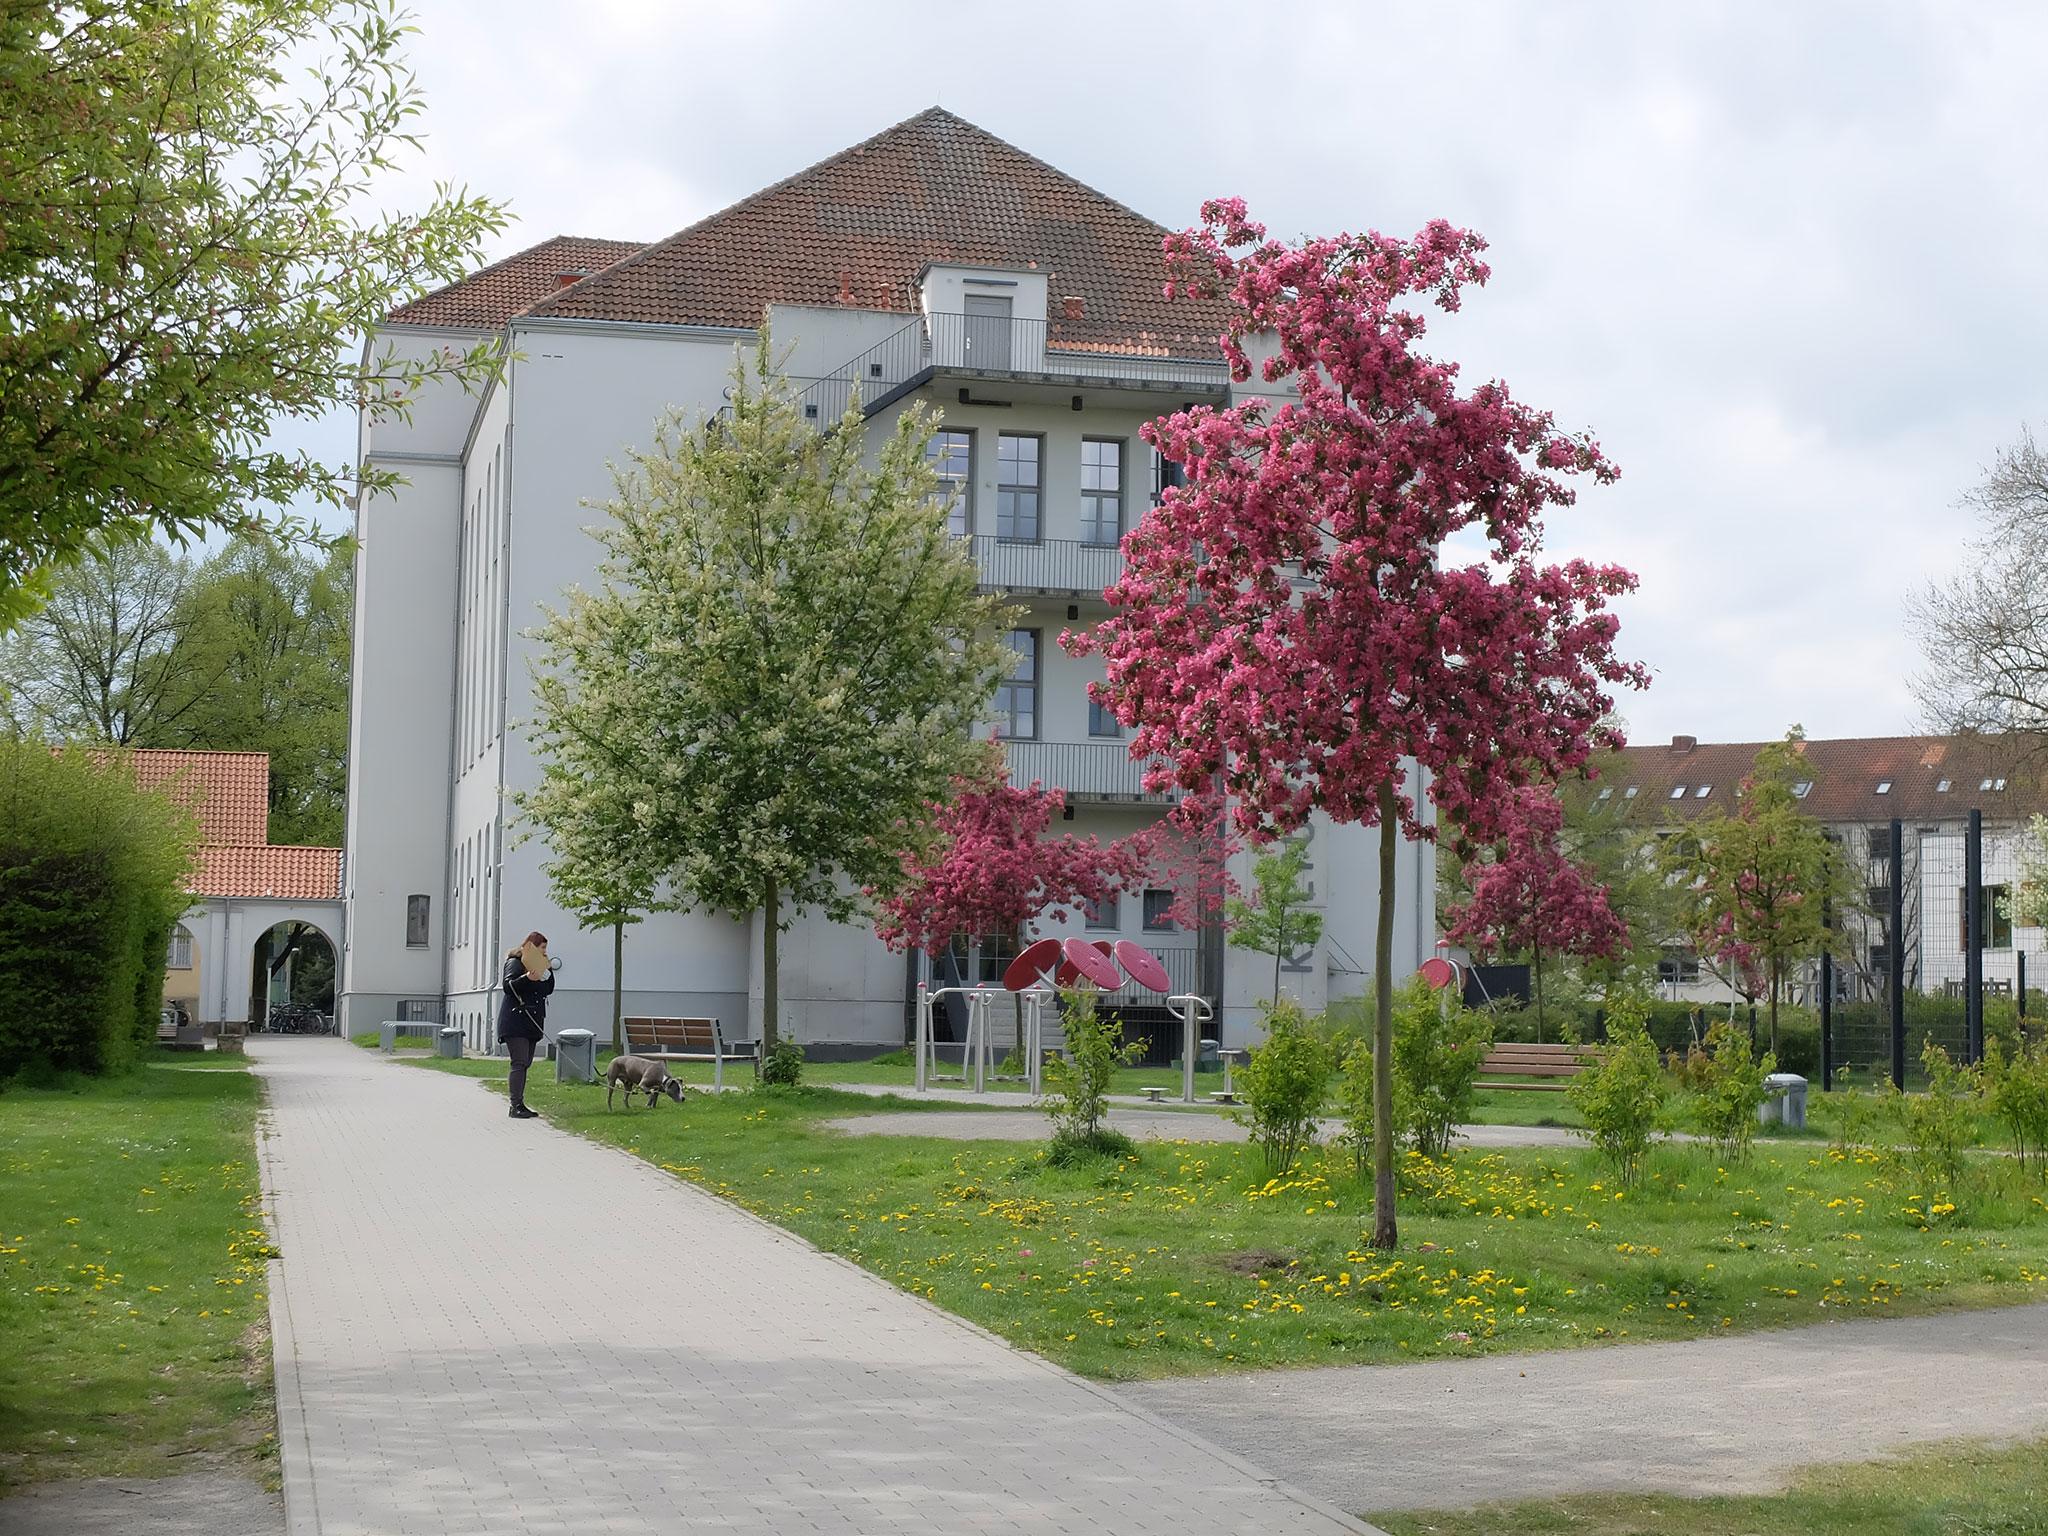 Kulturhaus Hainholz inmitten einer parkähnlichen Anlage